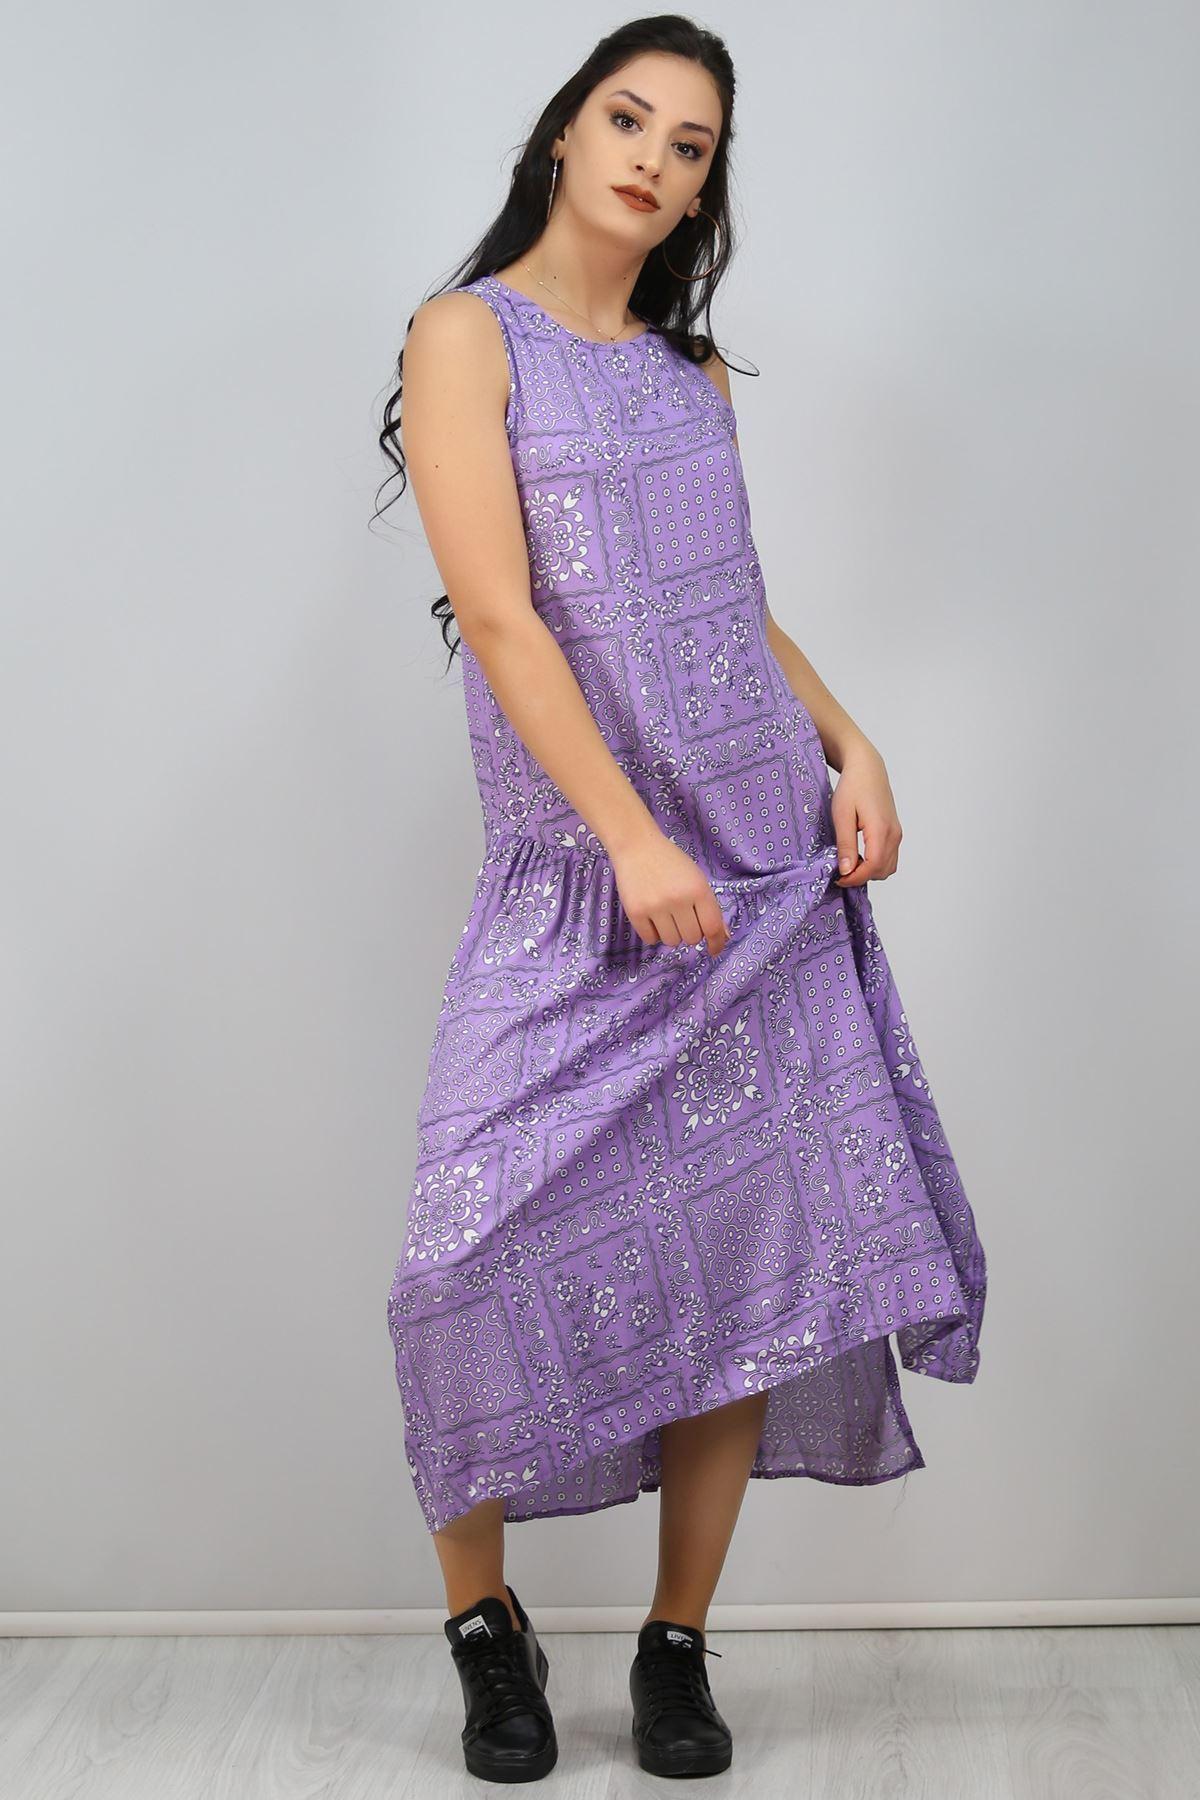 Asimetrik Volanlı Elbise Leylakbeyaz - 2521.994.